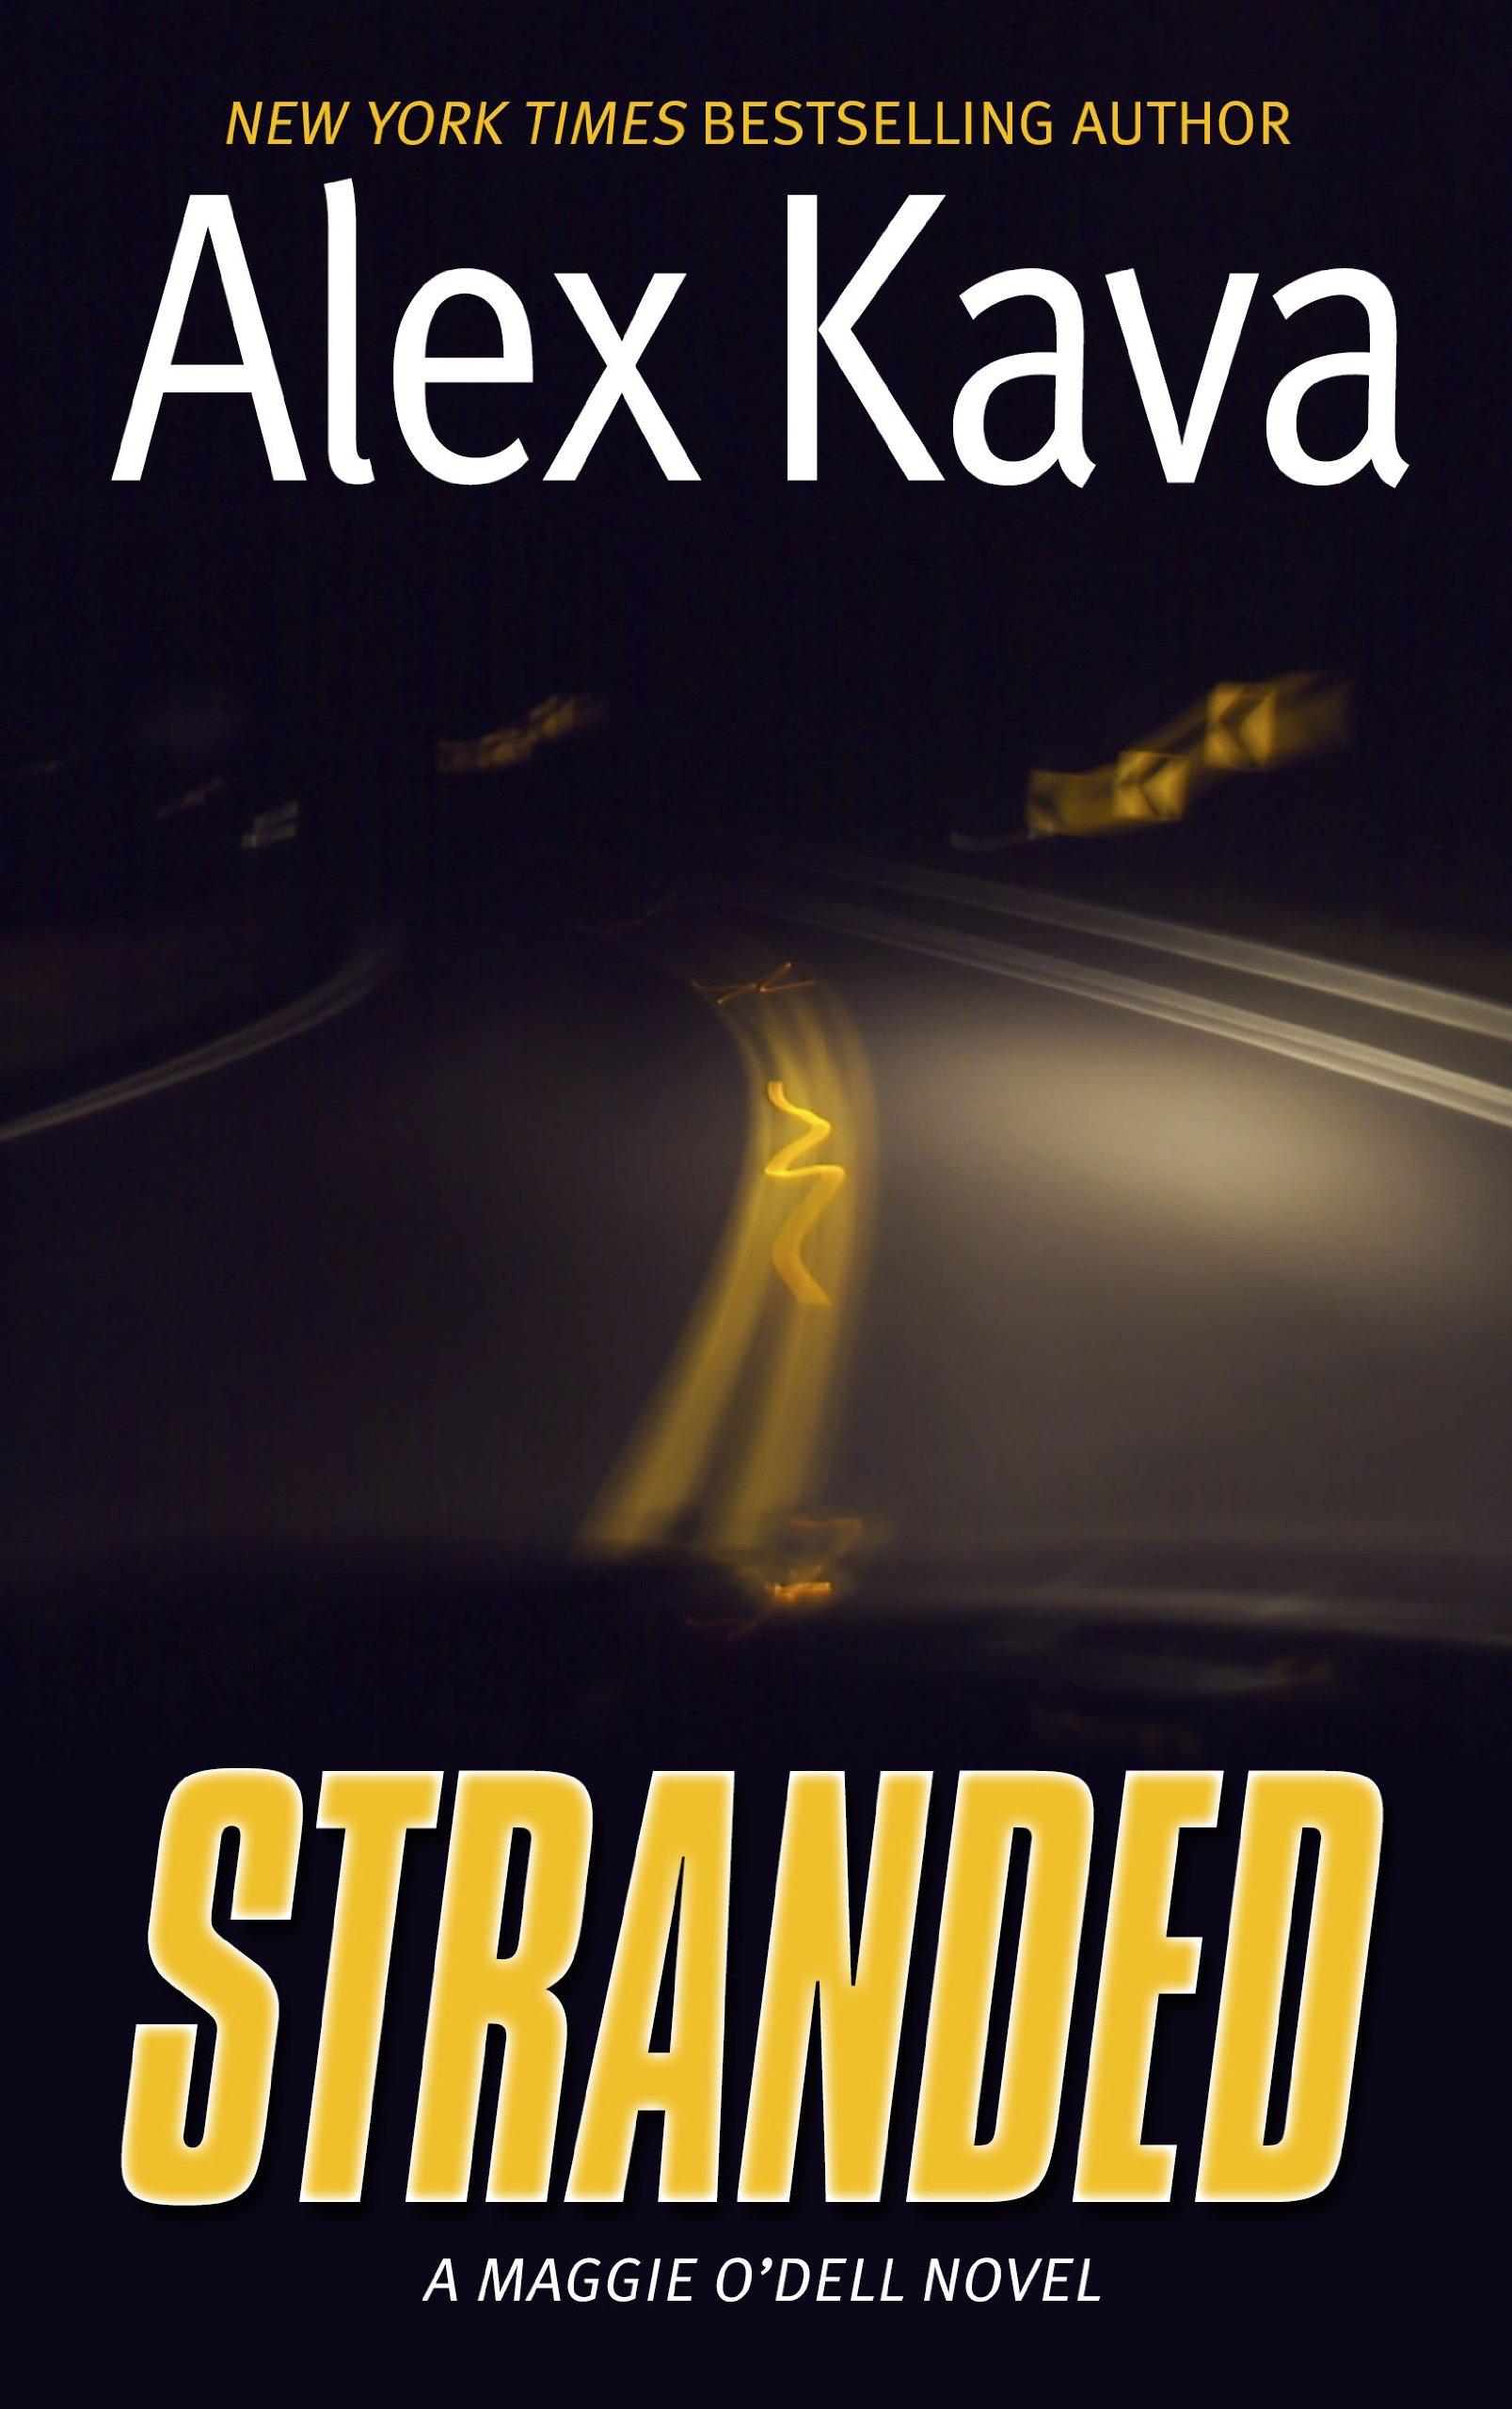 Stranded: A Maggie Odell Novel (Thorndike Press Large Print Basic) PDF